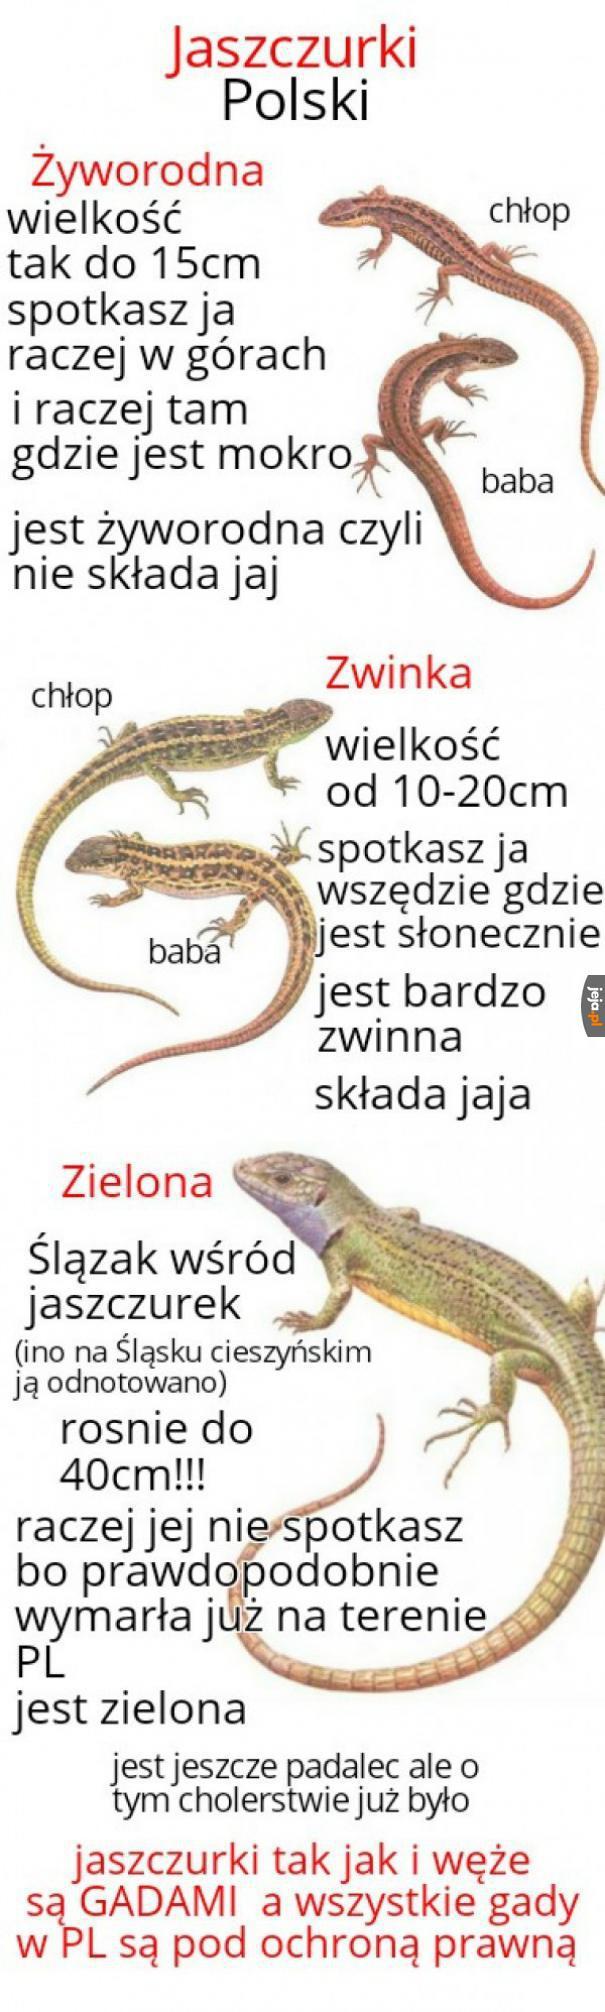 Poznajcie jaszczurki Polski